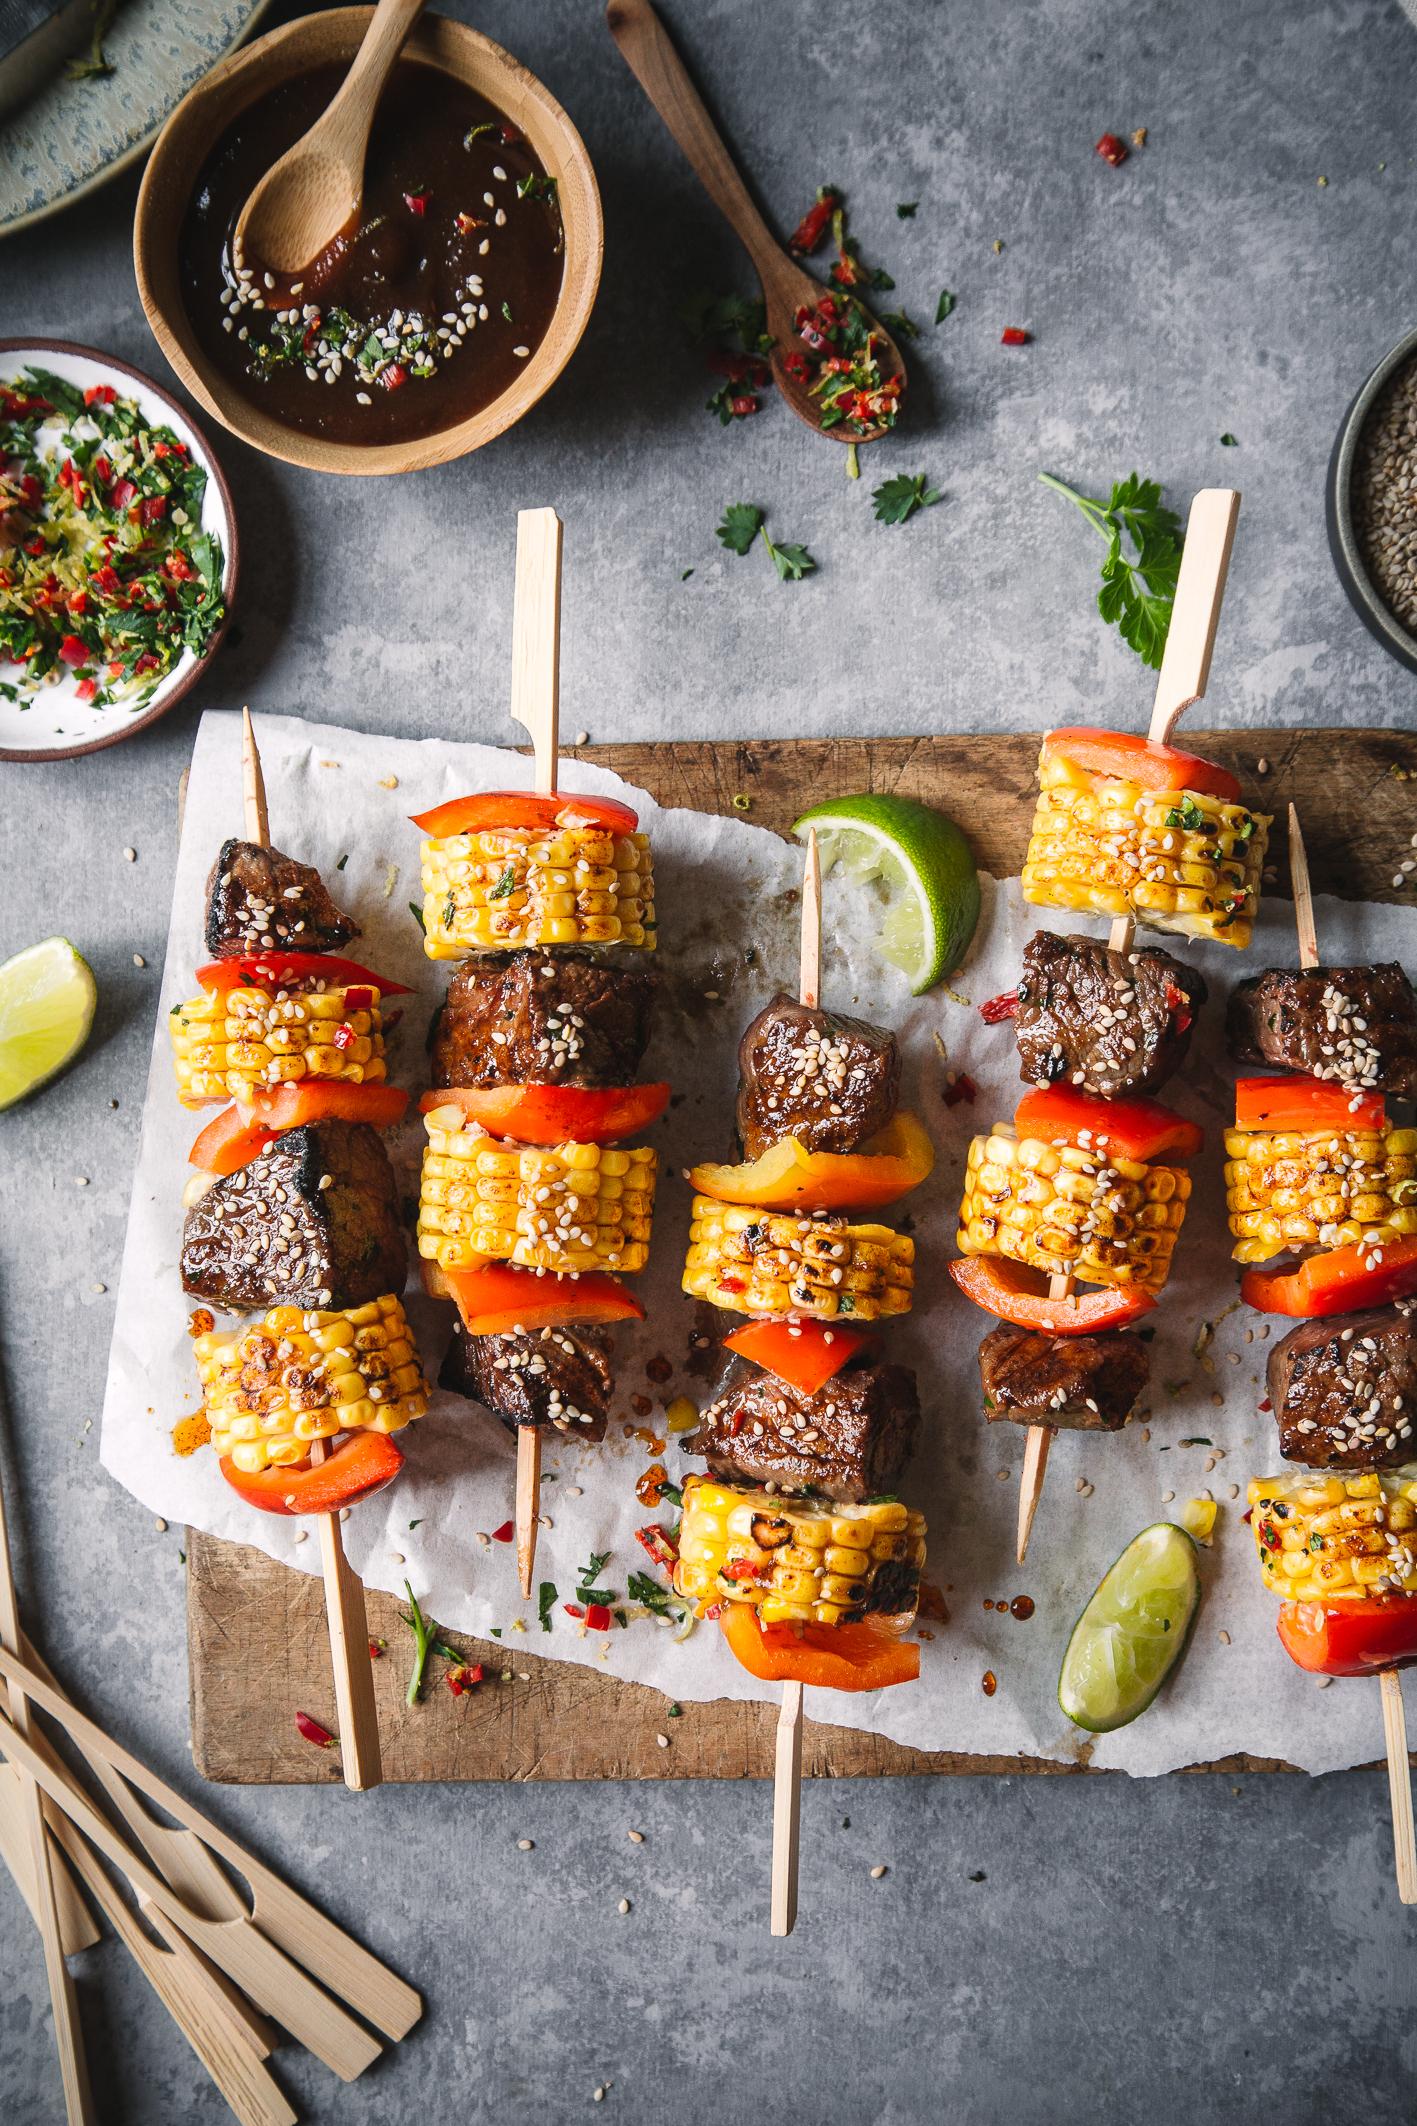 Mais-Paprika-Rindfleisch-Spieße auf Holzbrett mit Marinade in Schüssel